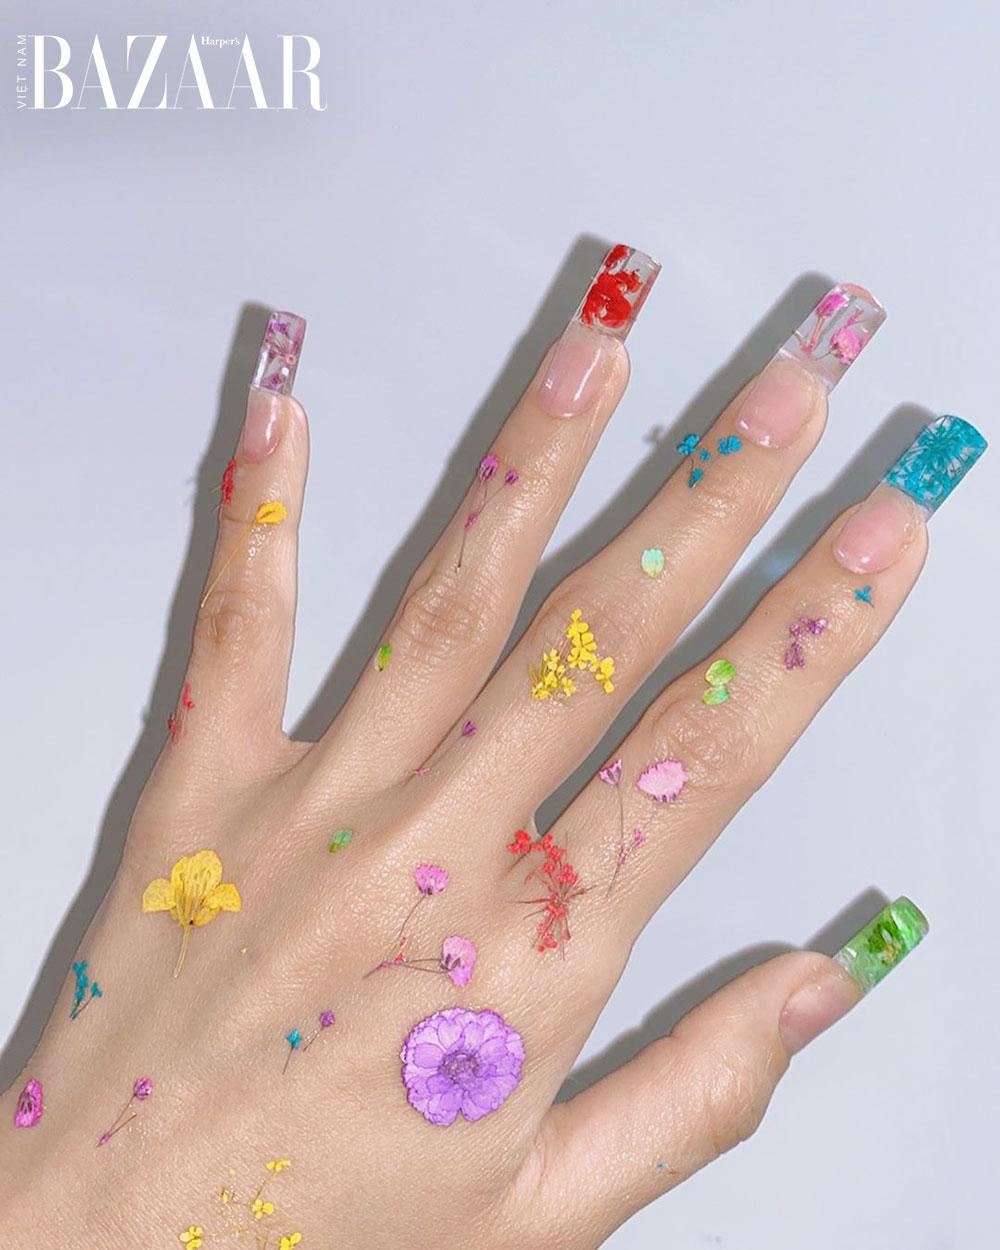 9 mẫu móng tay trong suốt đẹp long lanh như nước 4